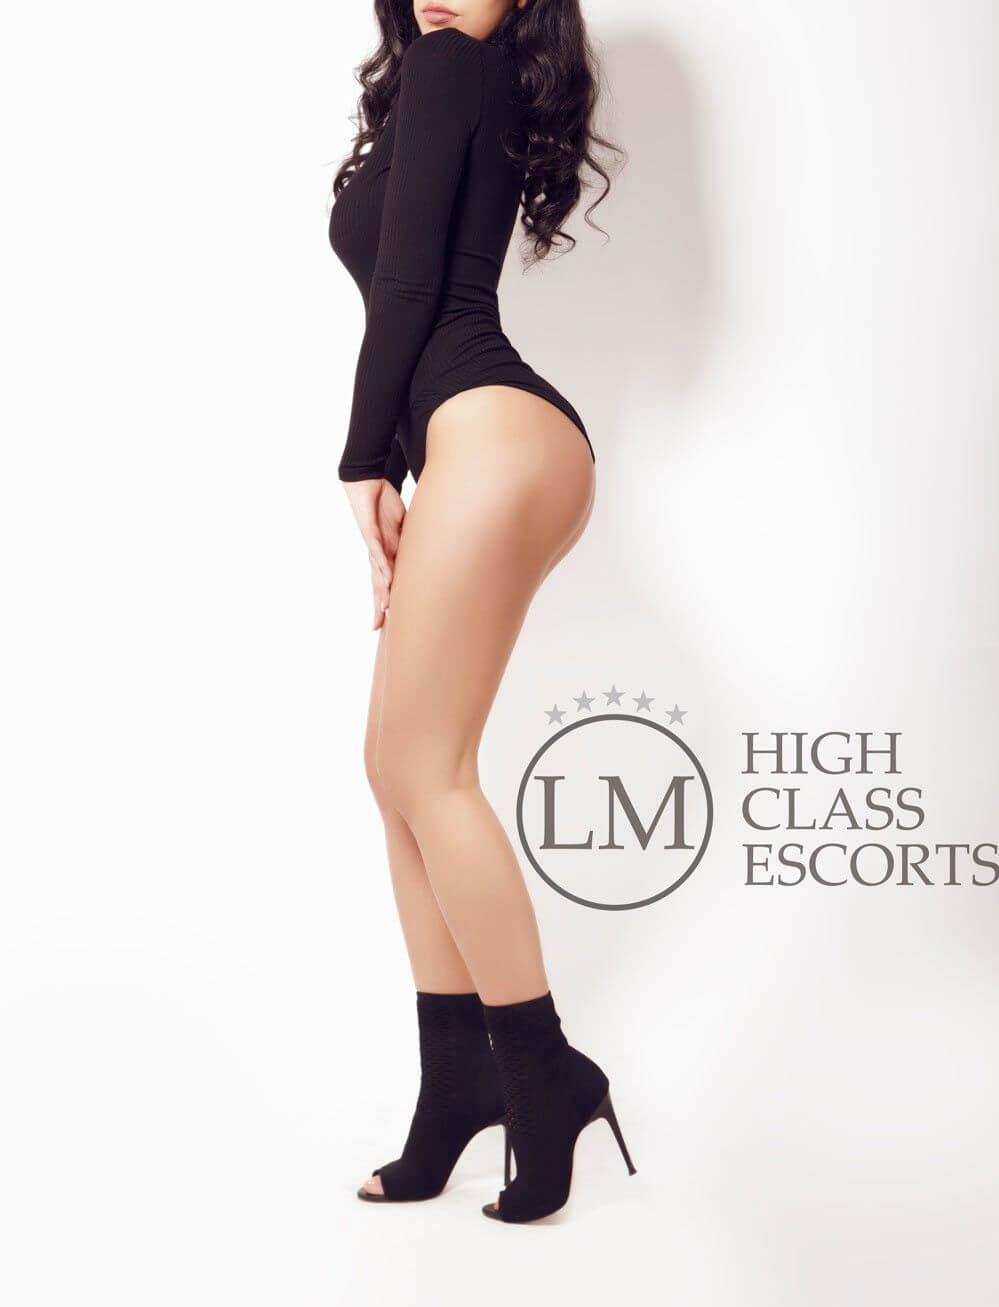 enma-escort-barcelona